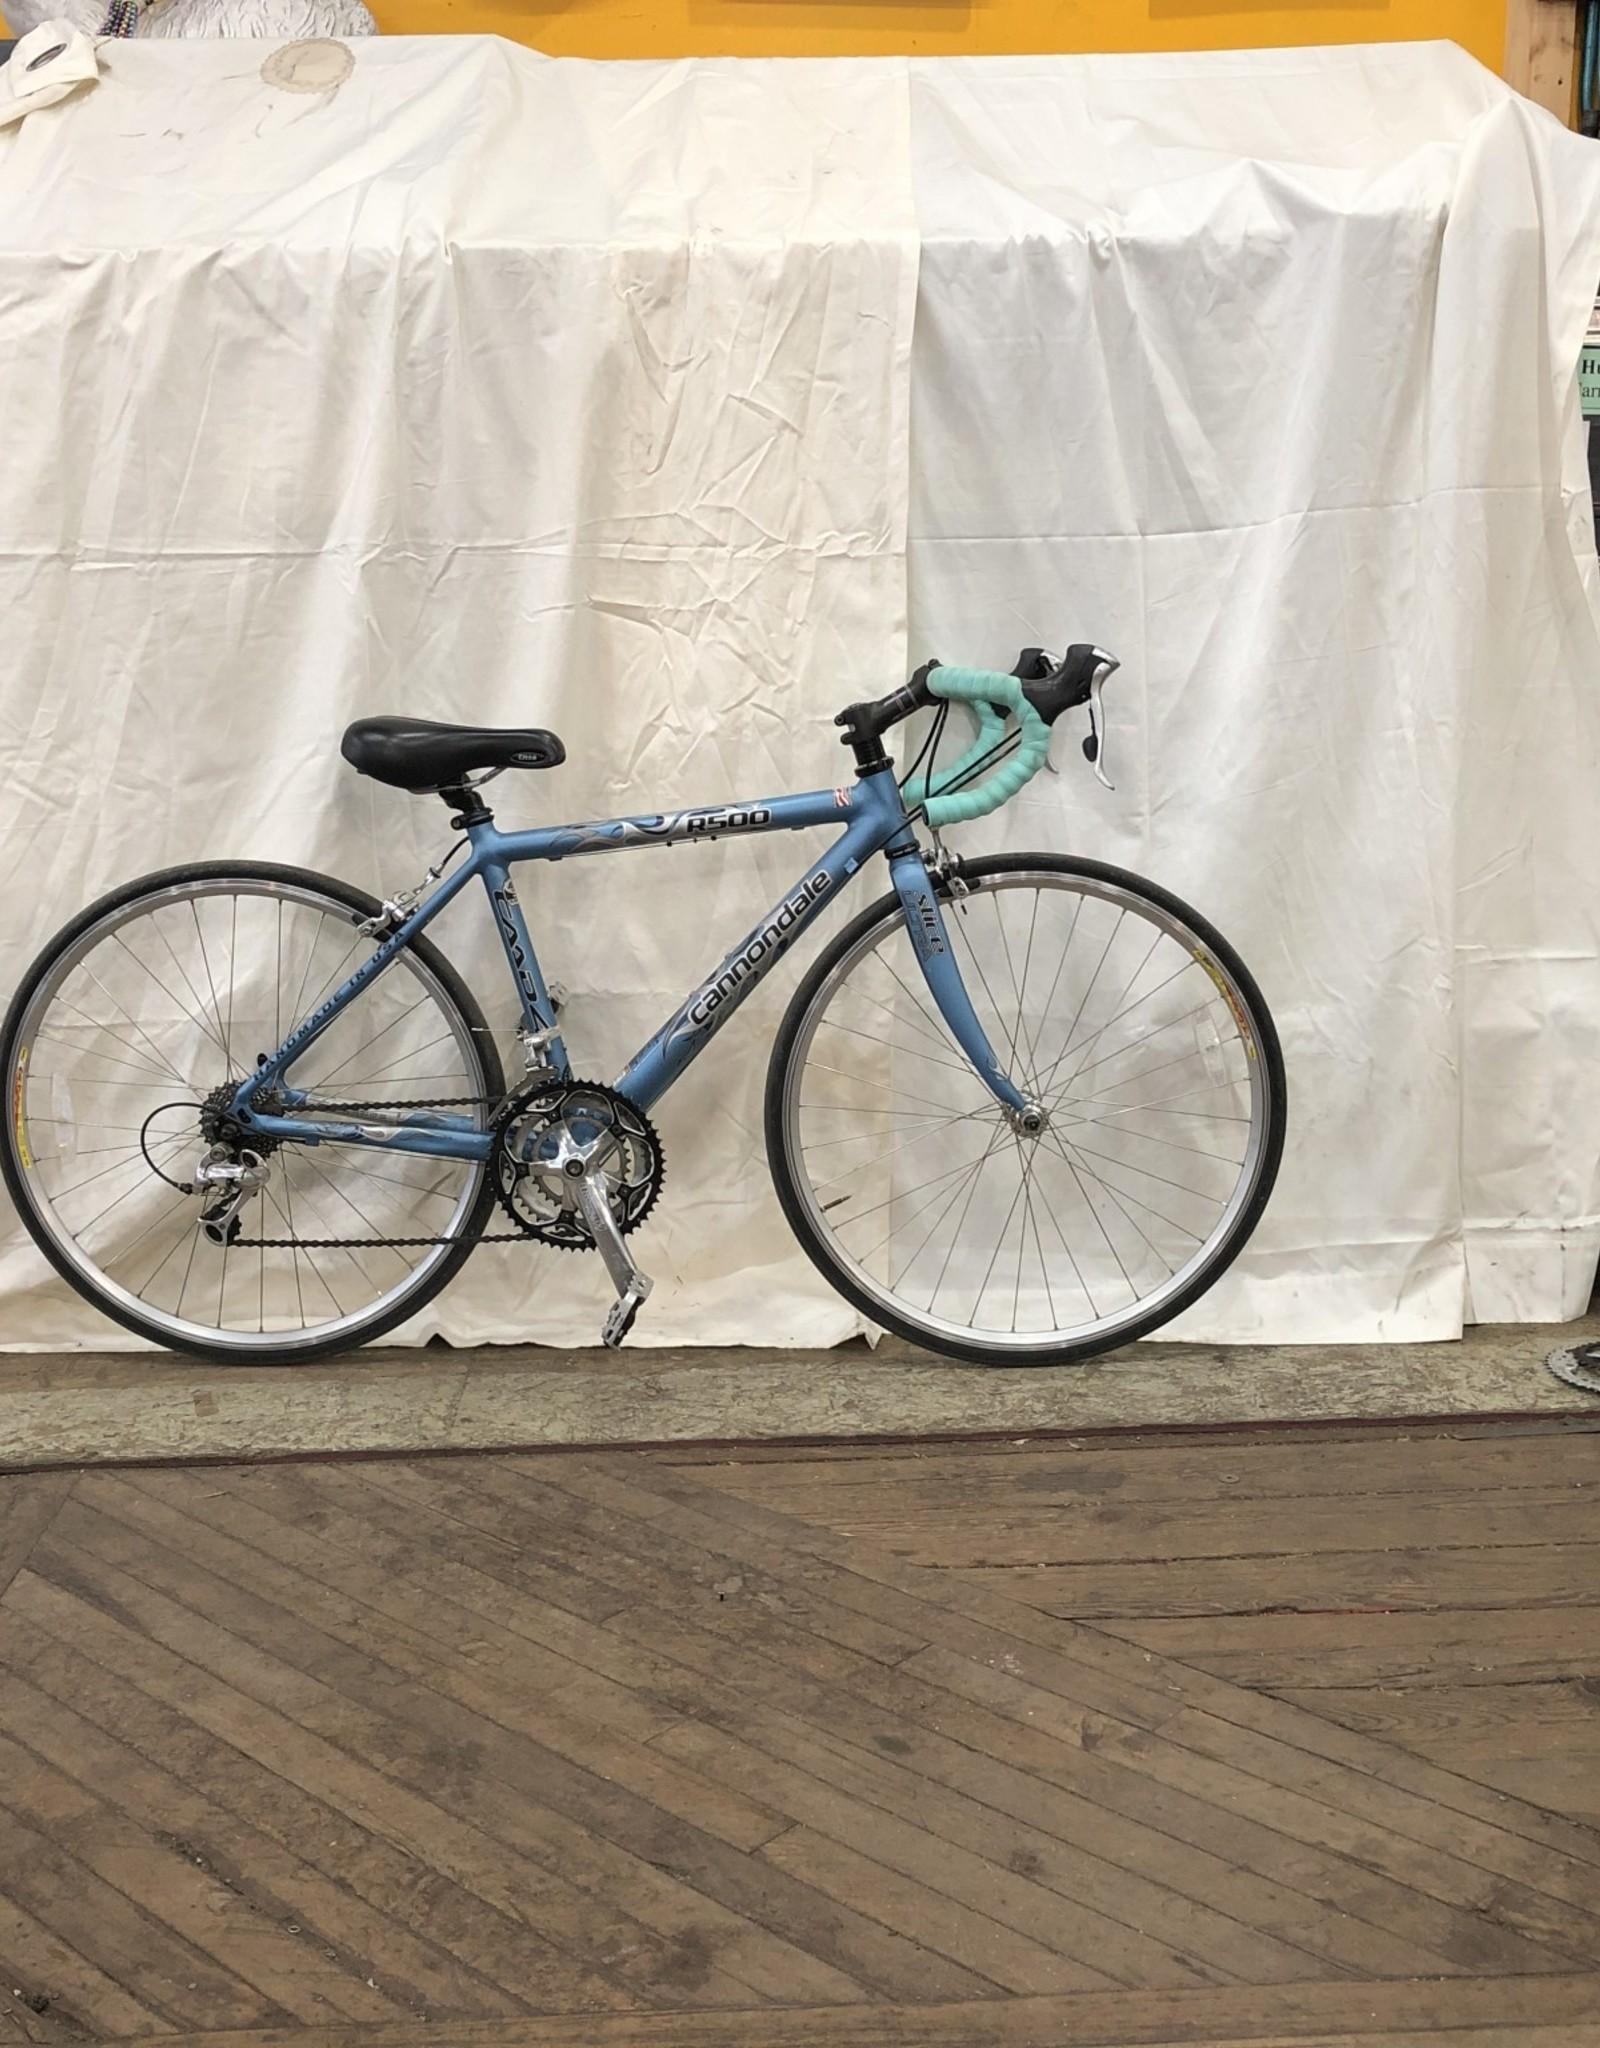 40cm Cannondale R500 (9655 sfr)